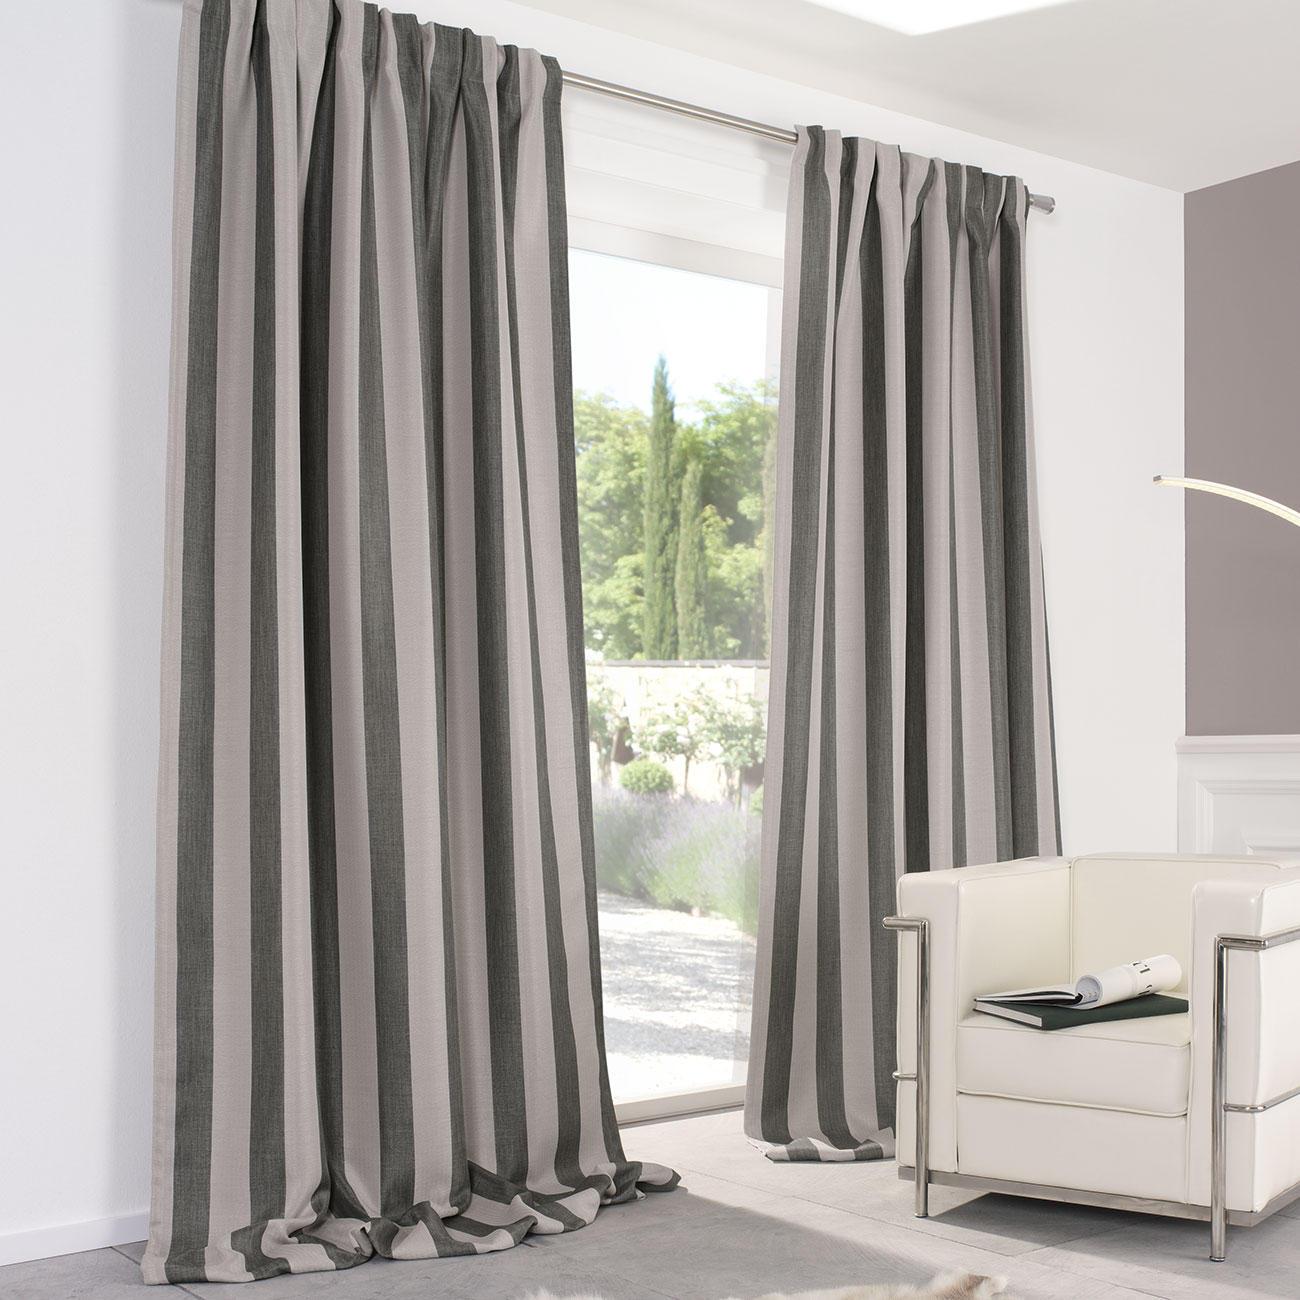 92 ikea vorhnge im wohnzimmer 1 schrank vorhang einzigartig ikea wohnzimmer sonnenschutz. Black Bedroom Furniture Sets. Home Design Ideas